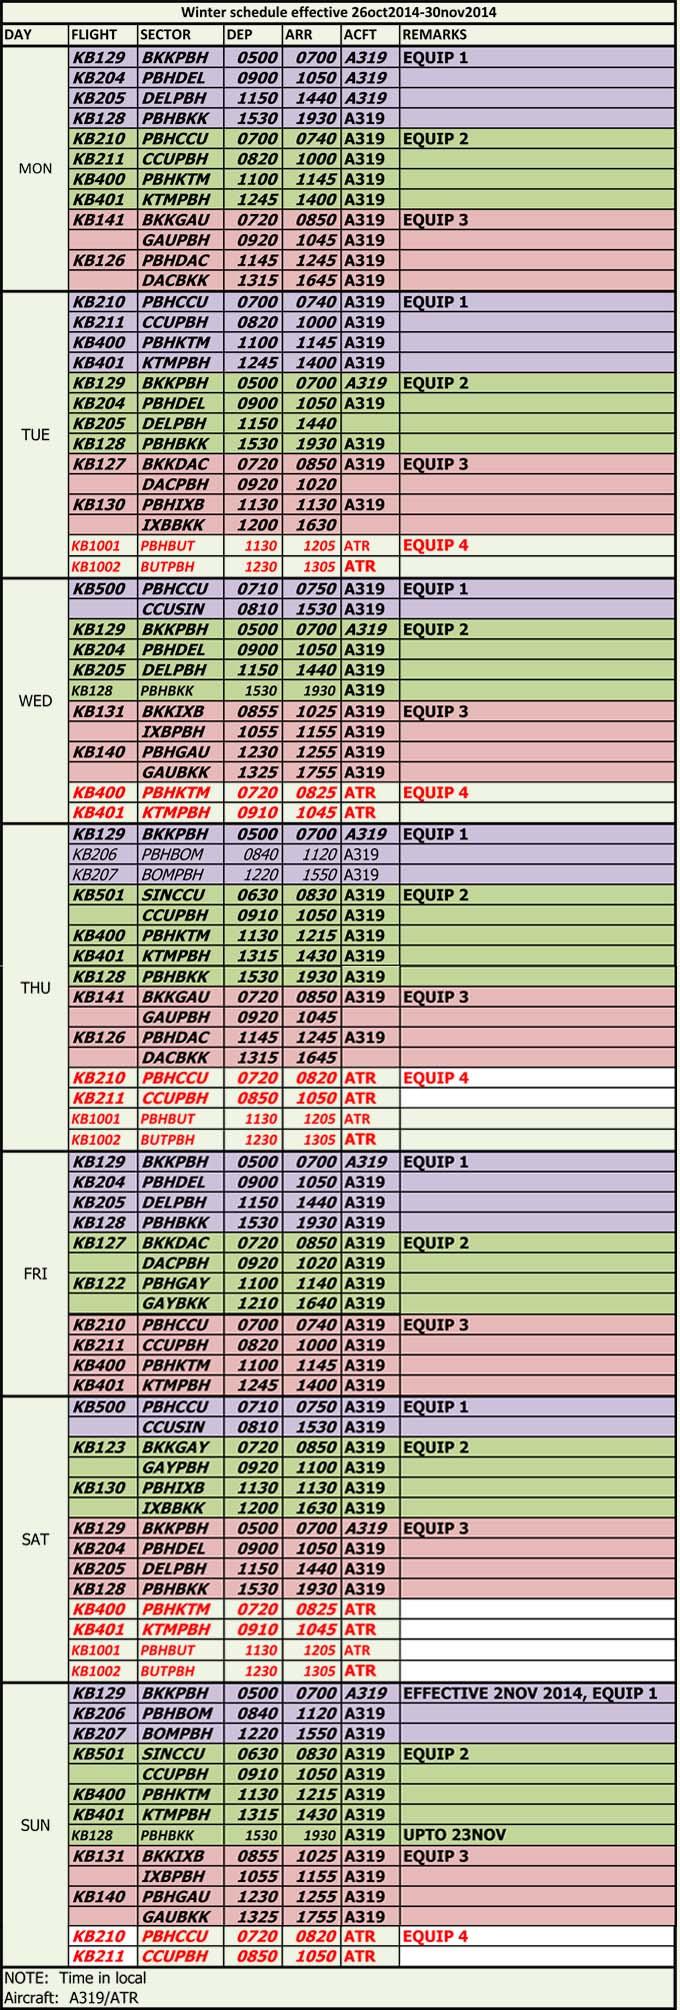 FlightSchedule 26thOct-30Nov14